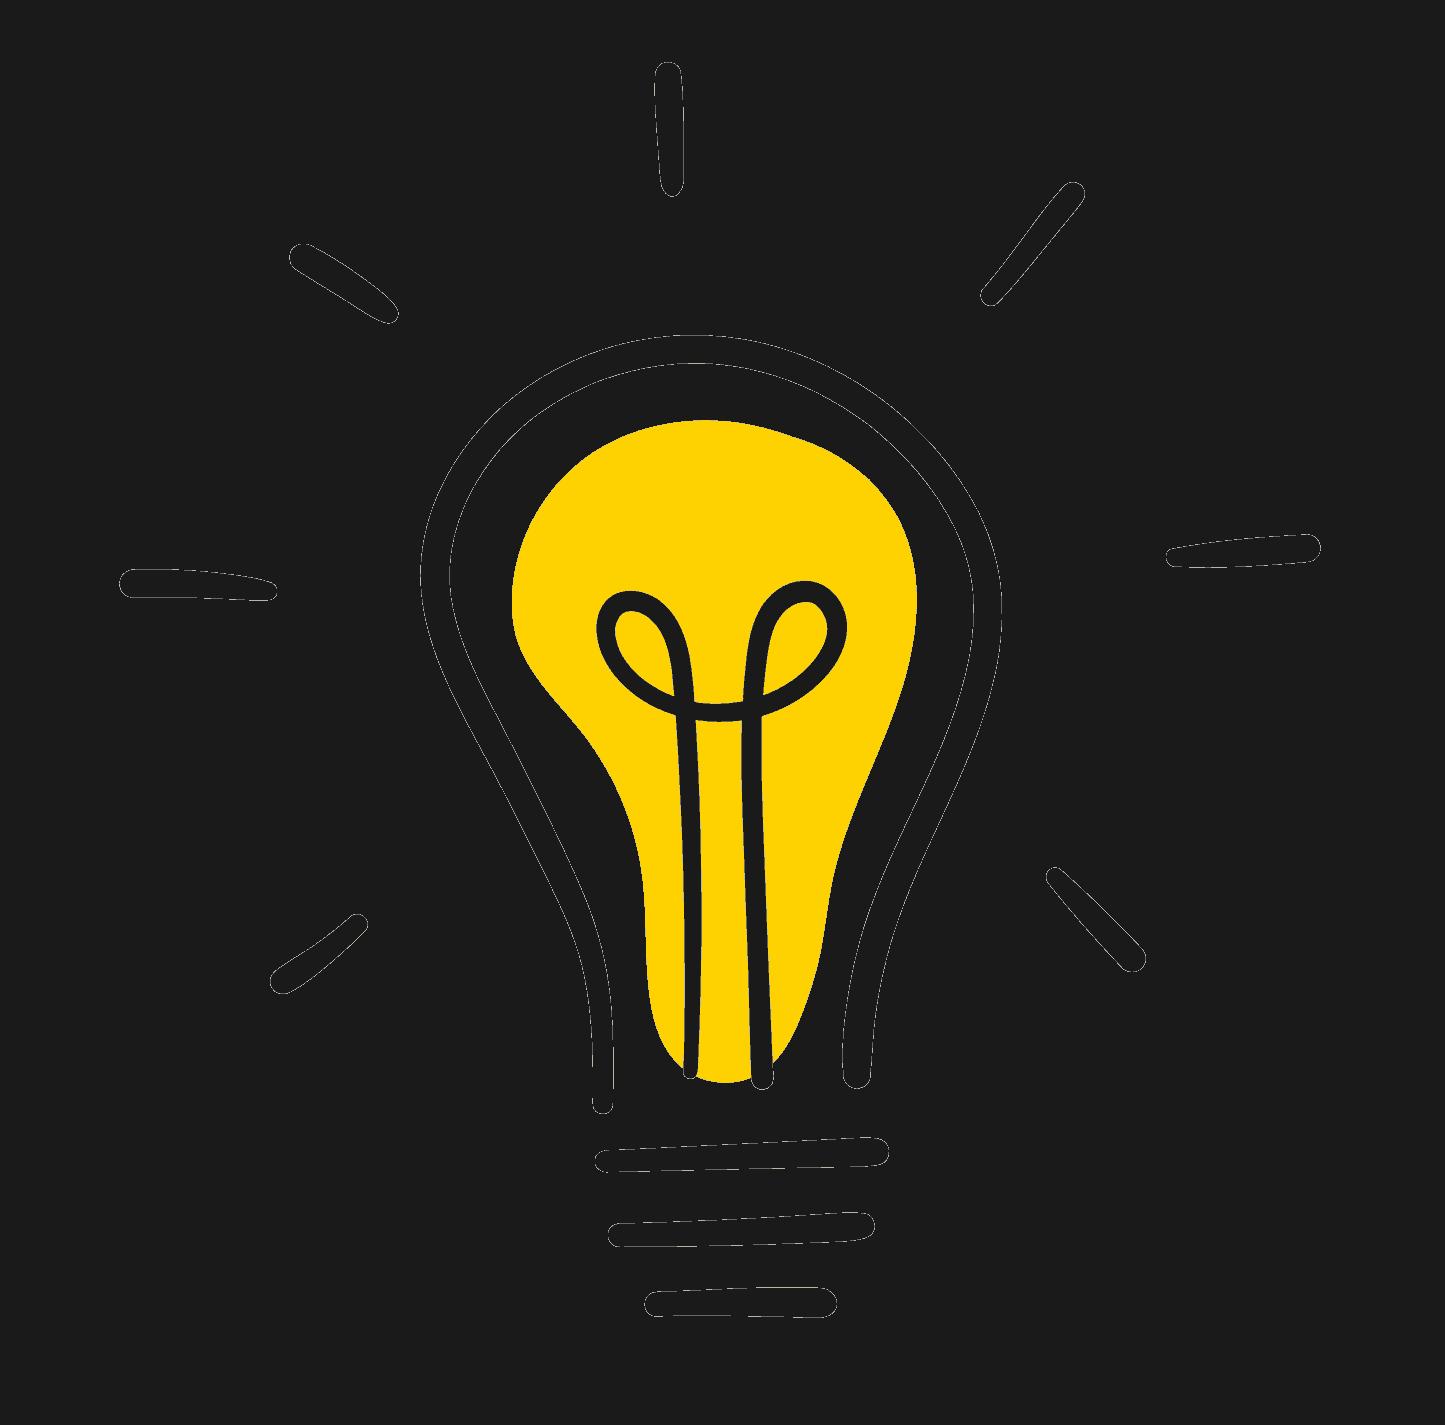 Eine Glühbirne, die die Lösungen für die Kundenbindung symbolisieren soll.